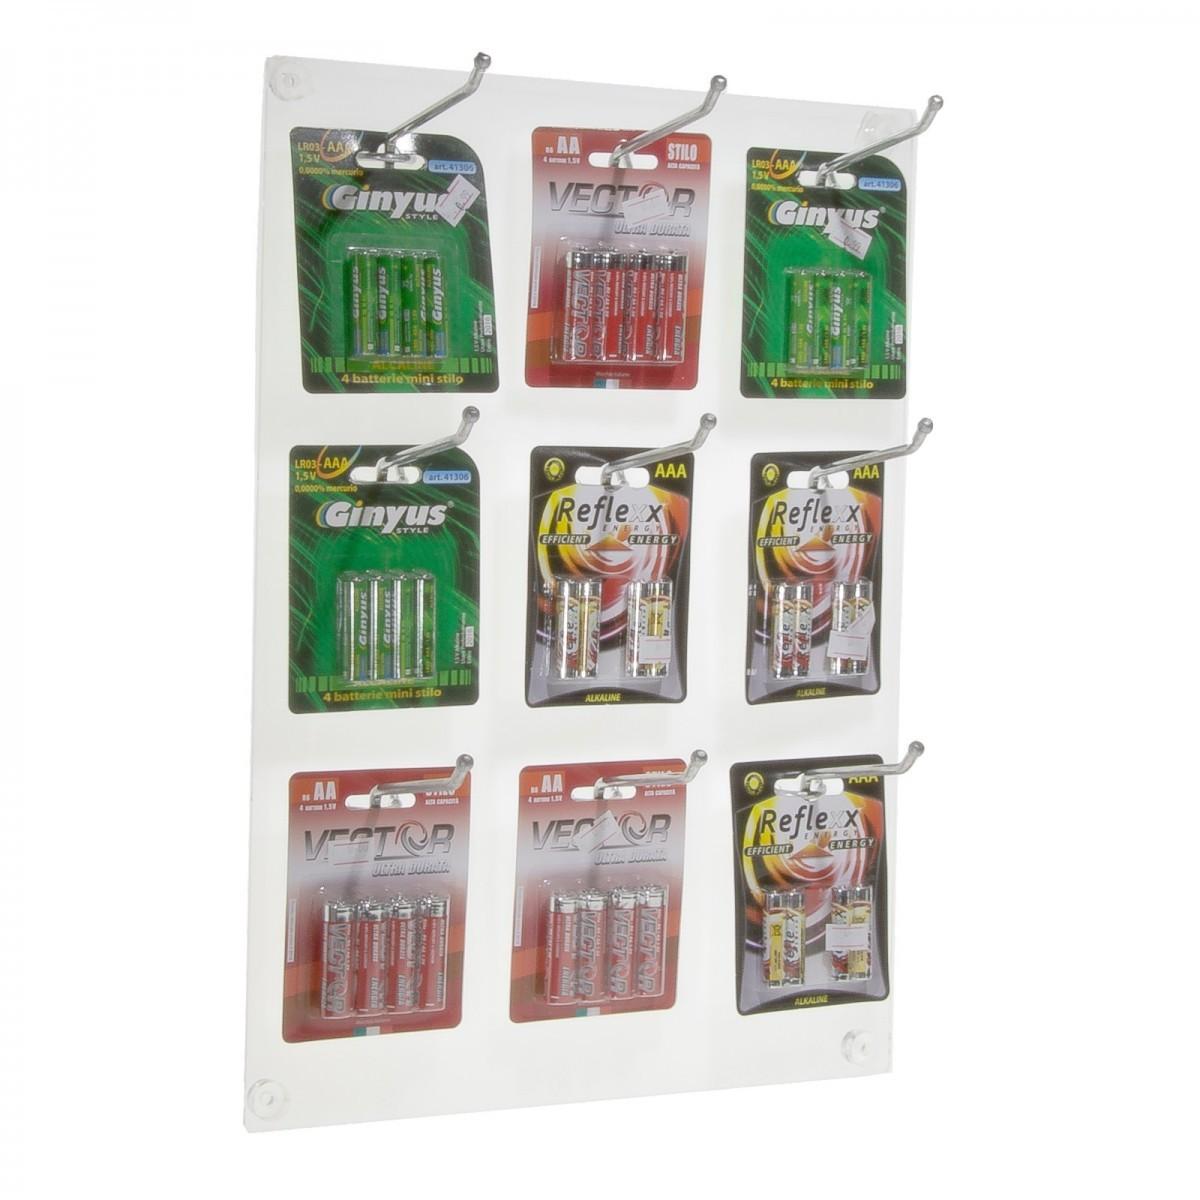 E-221 BEB - Espositore da parete per blister di batterie, giochi ecc in plexiglass trasparente a 9 postazioni - Misure: 32 x H45